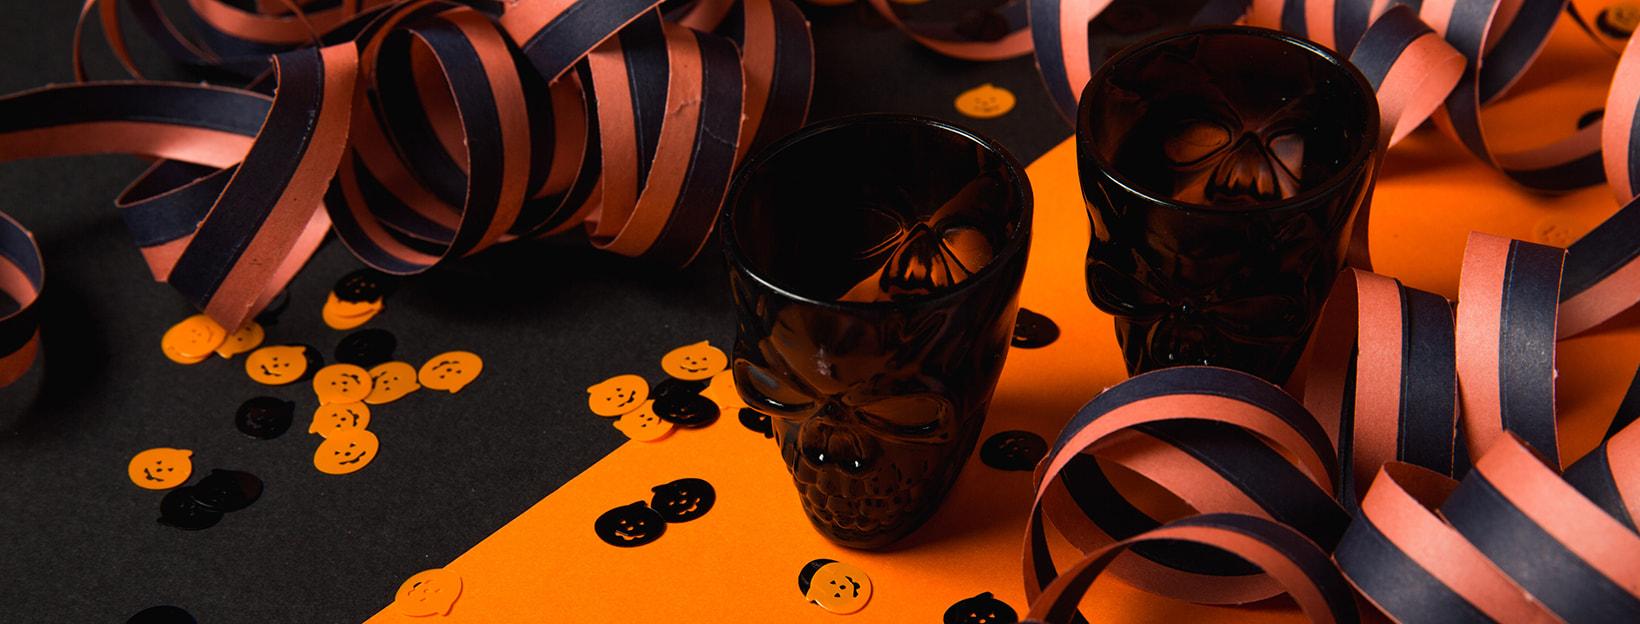 картинки на хэллоуин баннер